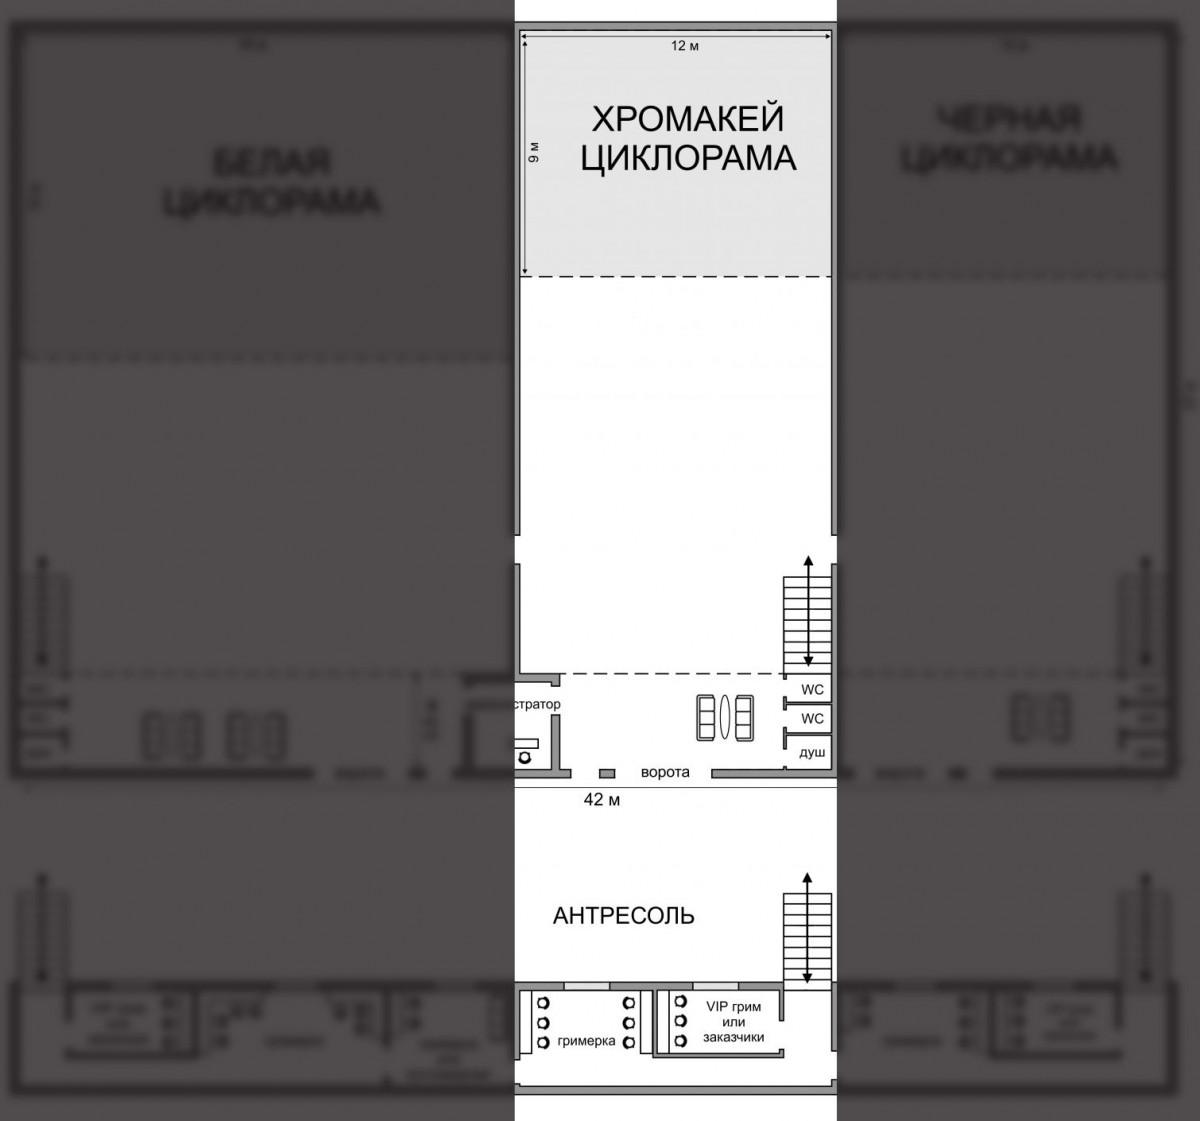 Съемочный павильон 325 м<sup>2</sup><br>(Зал с хромакей трехсторонней циклорамой)